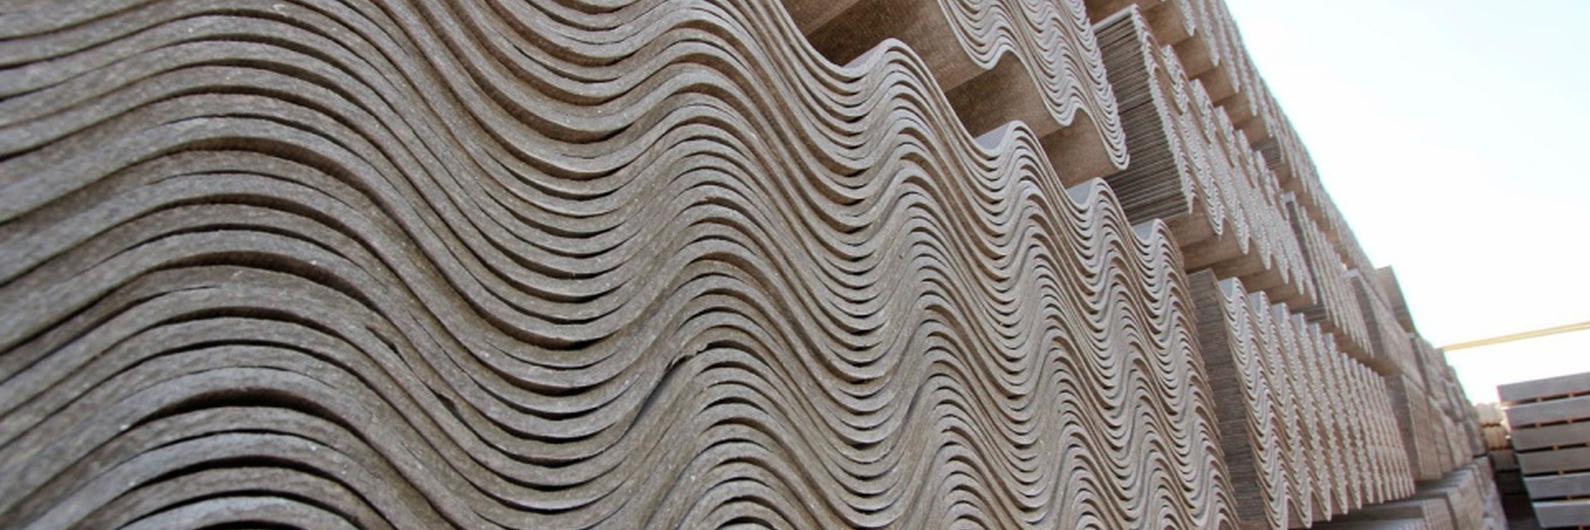 Quanto custa retirar amianto de edifícios públicos? 750 milhões de euros, estima a Quercus